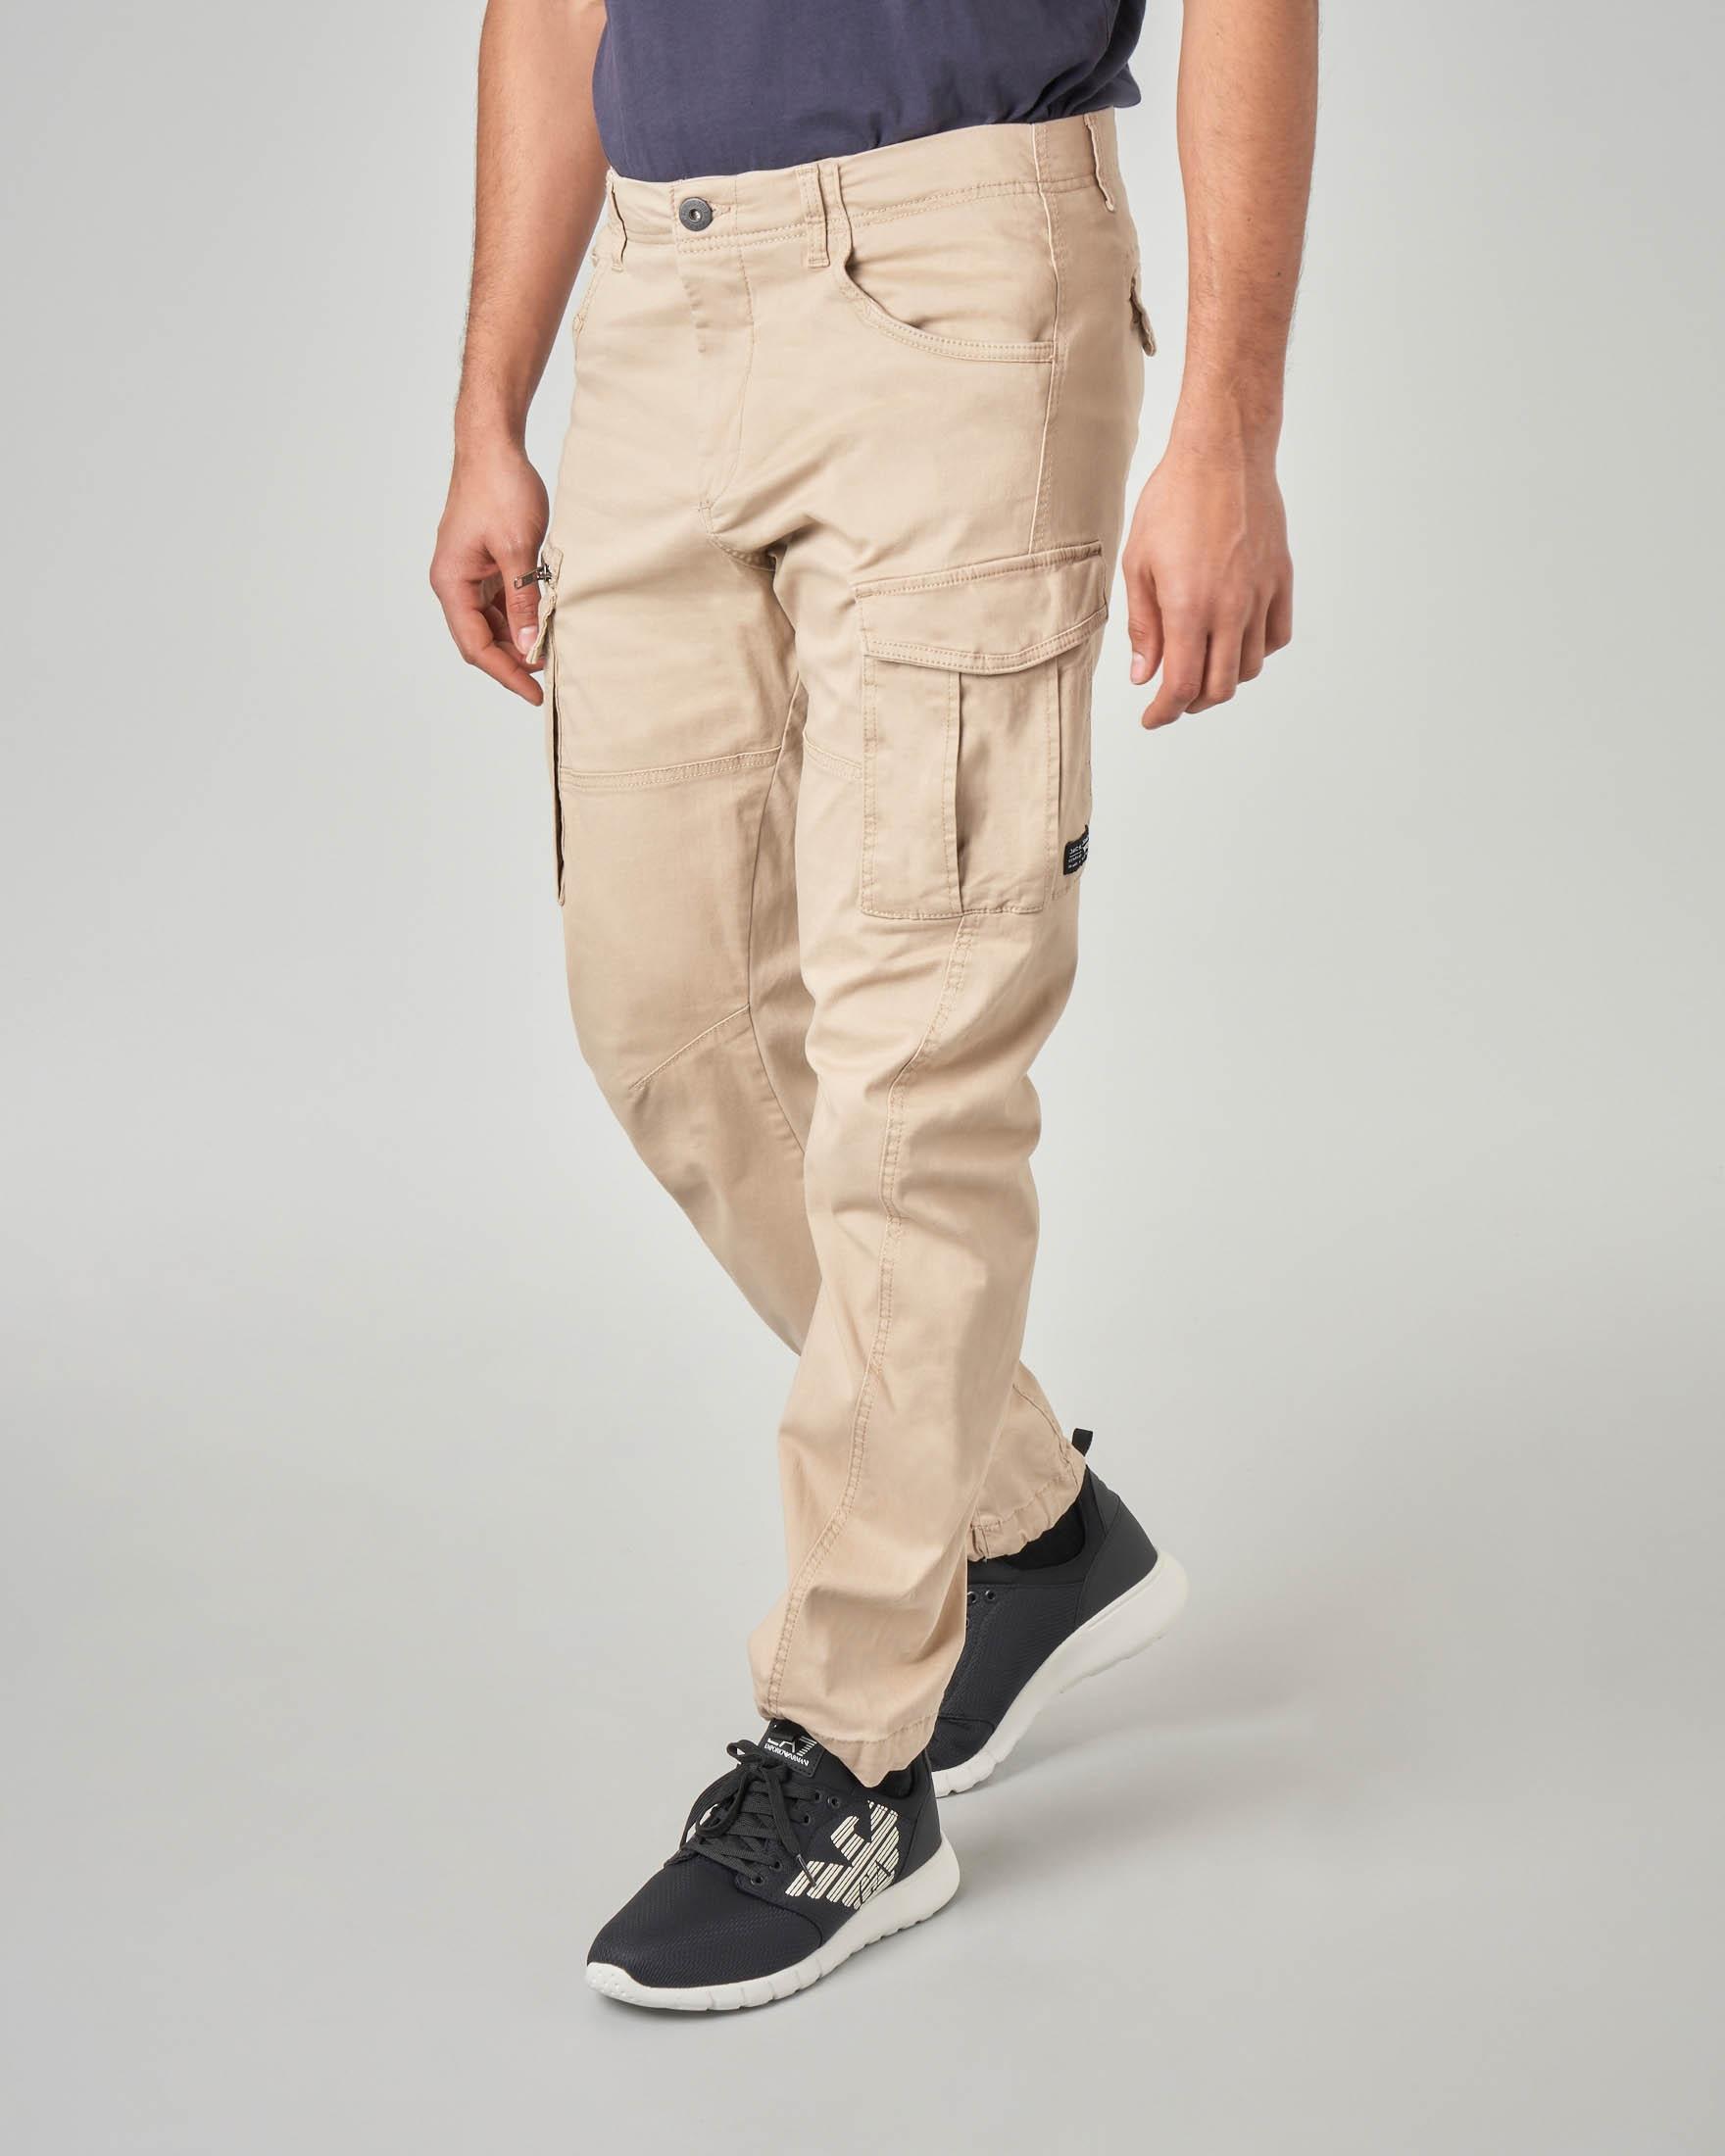 nuovo prodotto e7d0d e5c22 Pantaloni cargo color sabbia